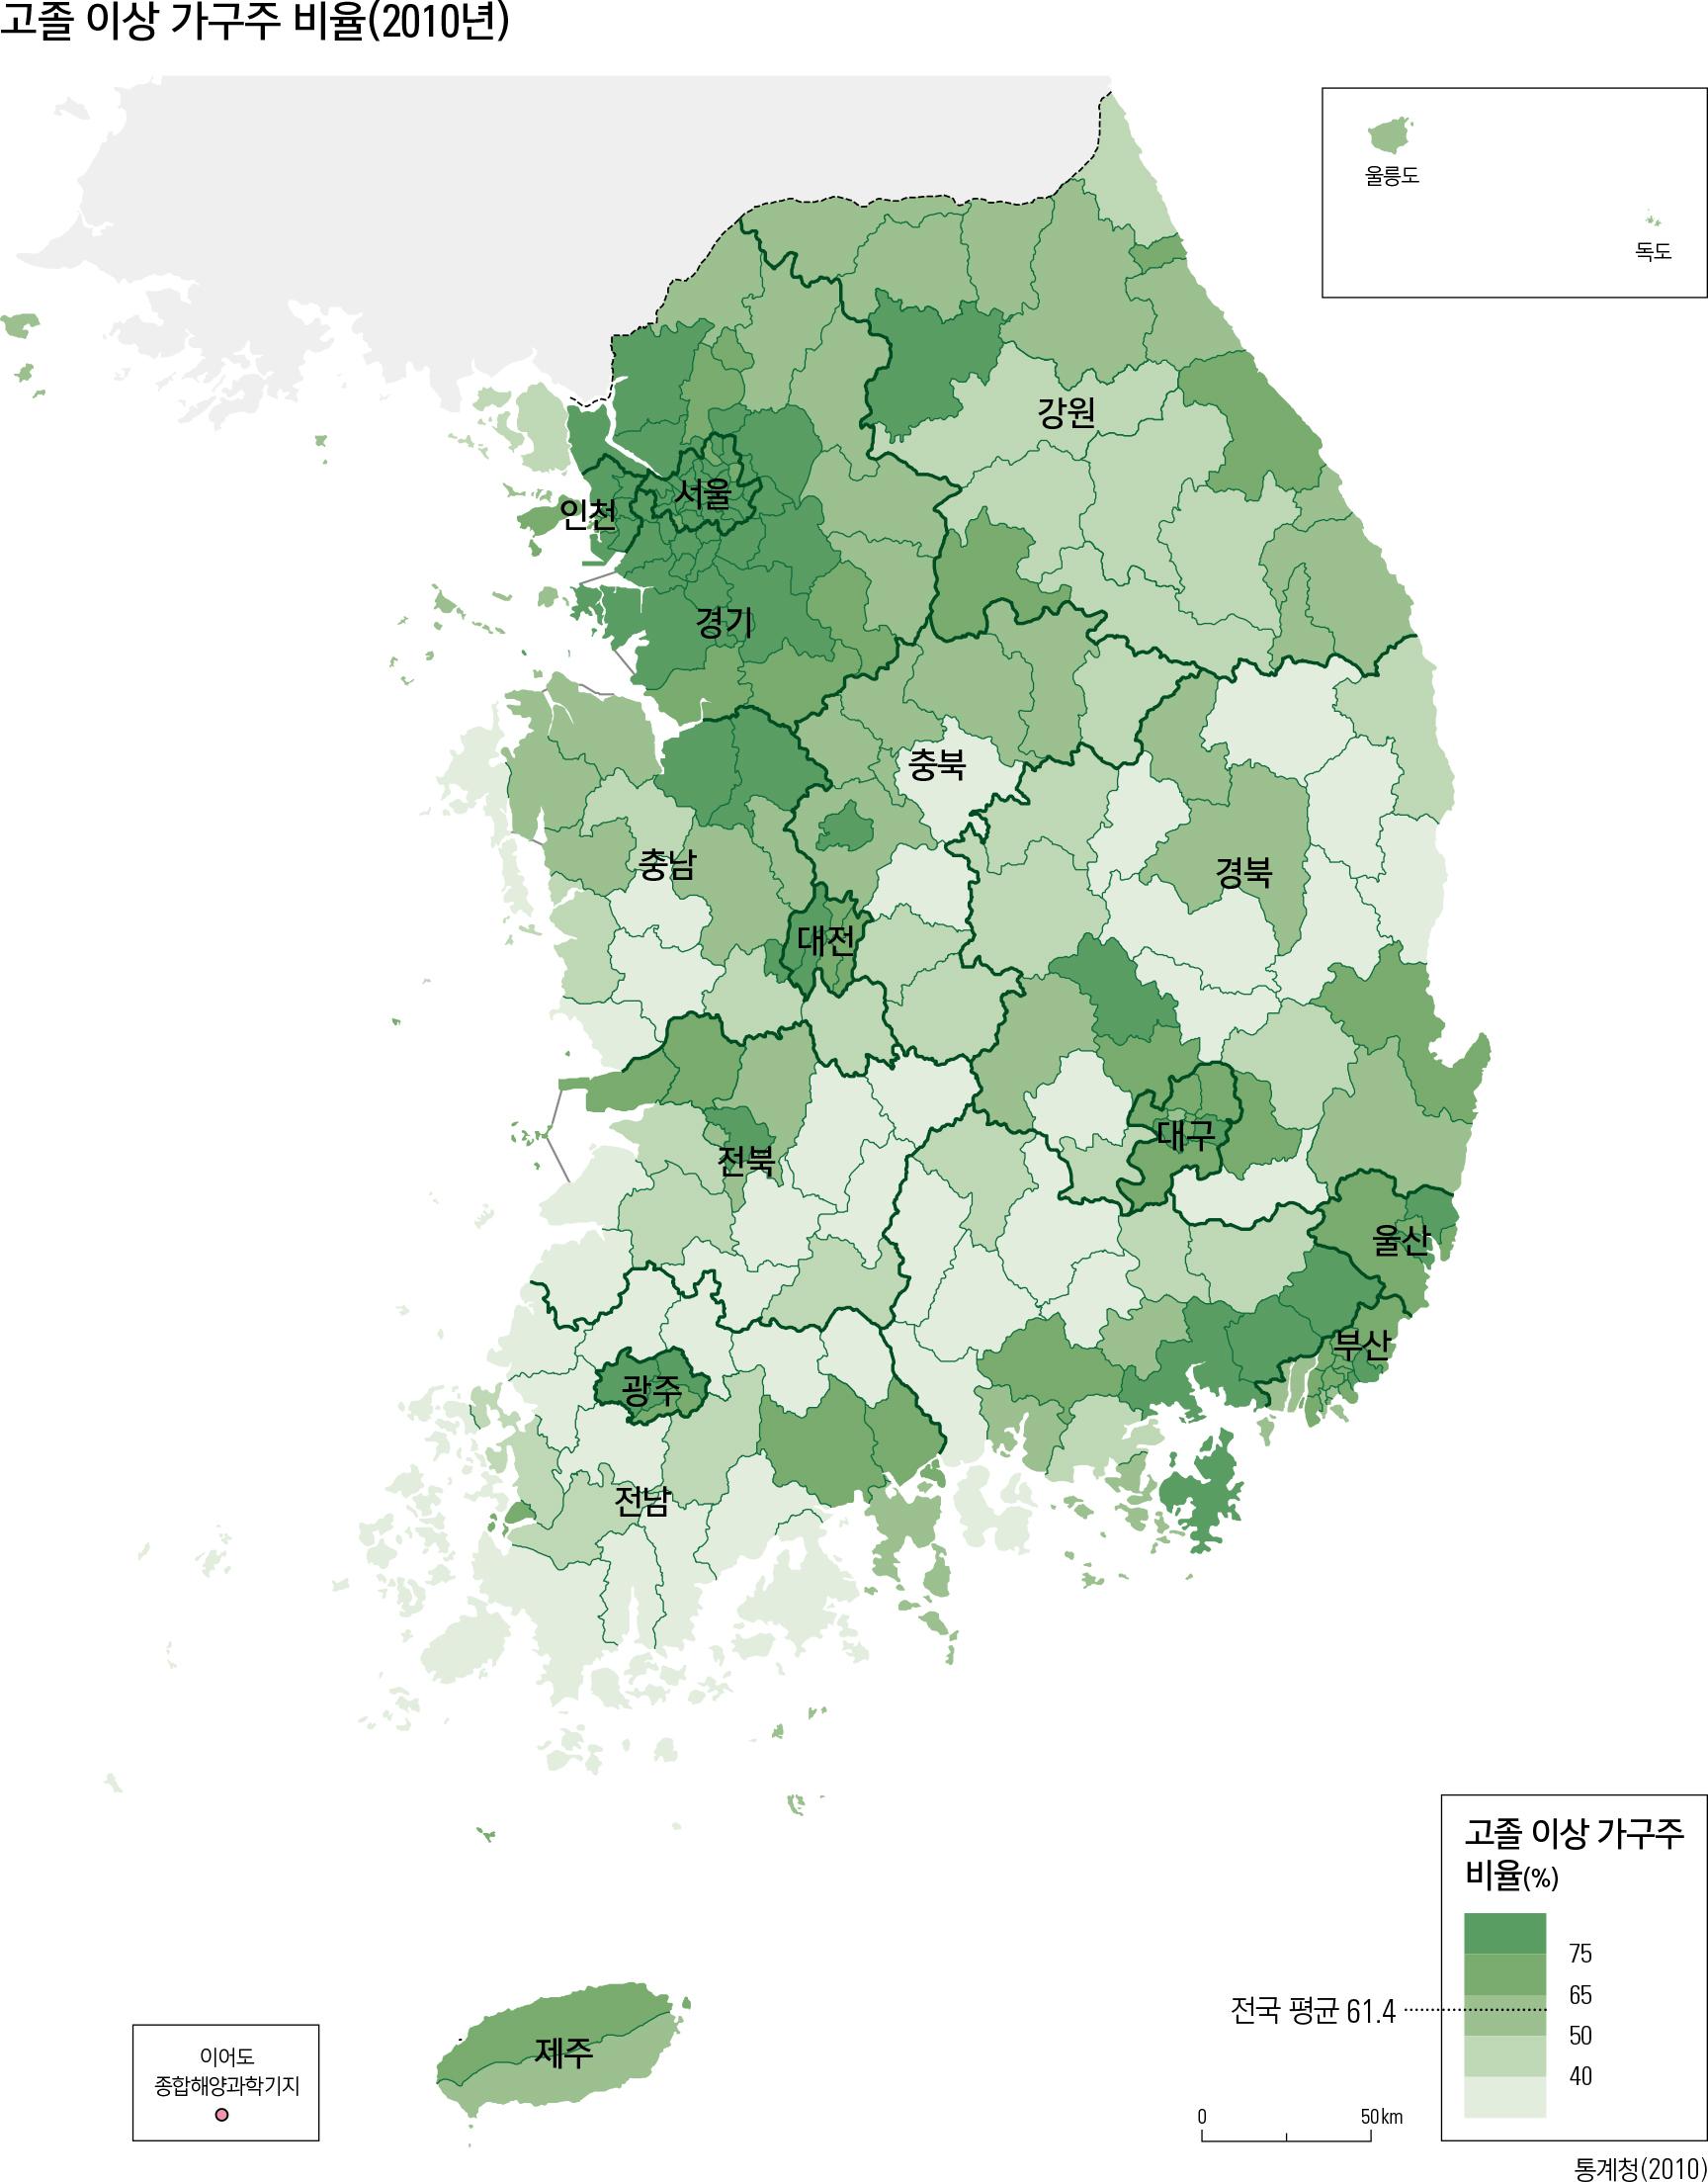 고졸 이상 가구주 비율(2010년)